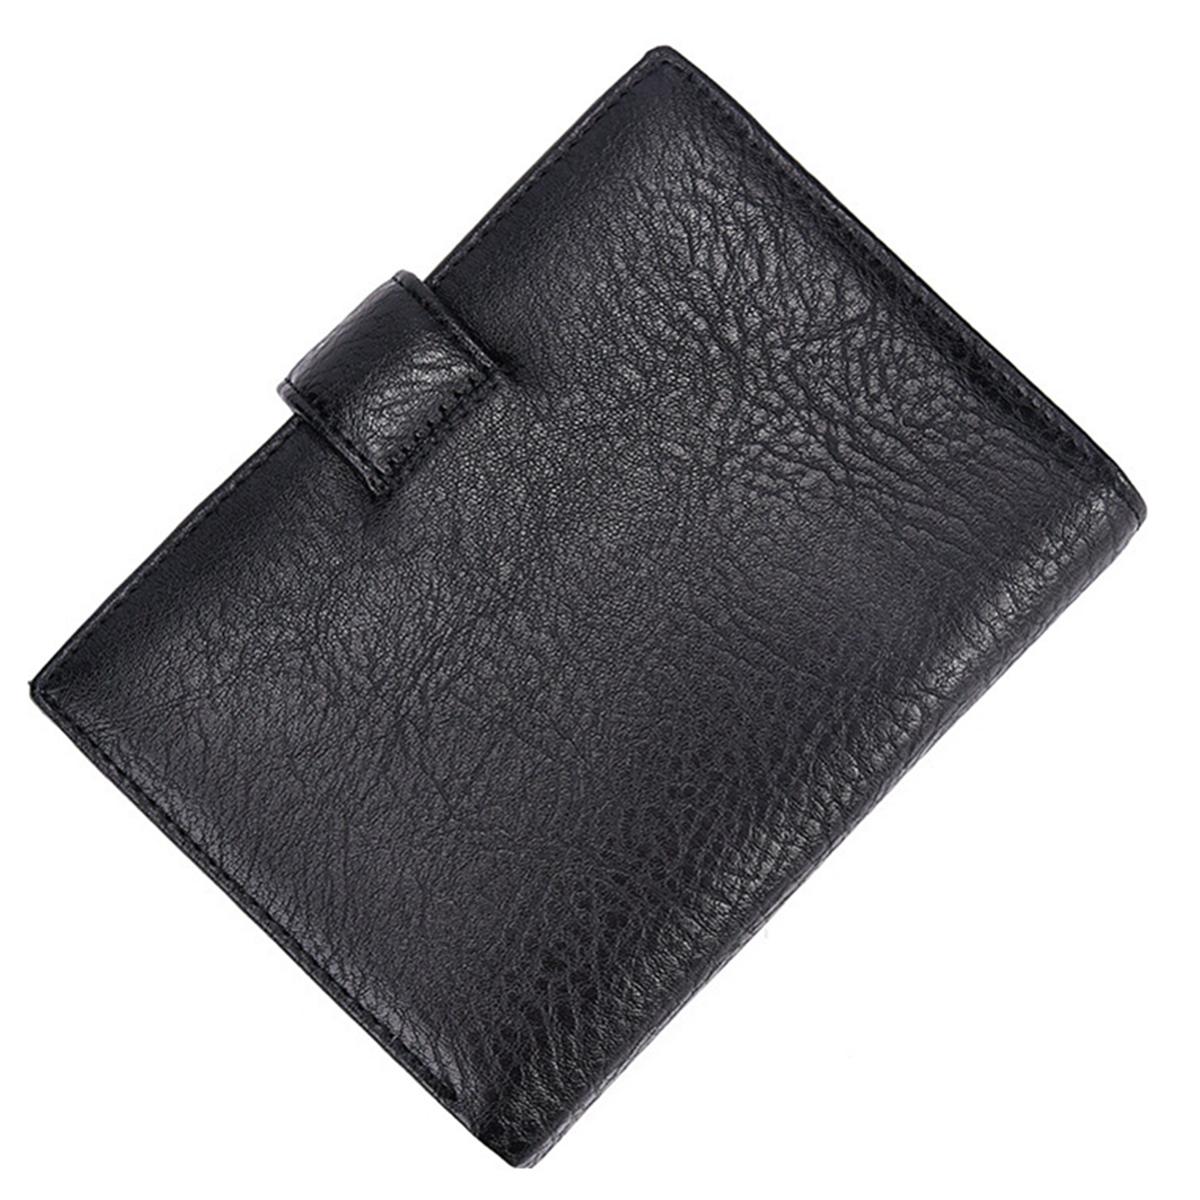 Men RFID Blocking PU Leather Wallet Passport Card Holder Money Coin Purse